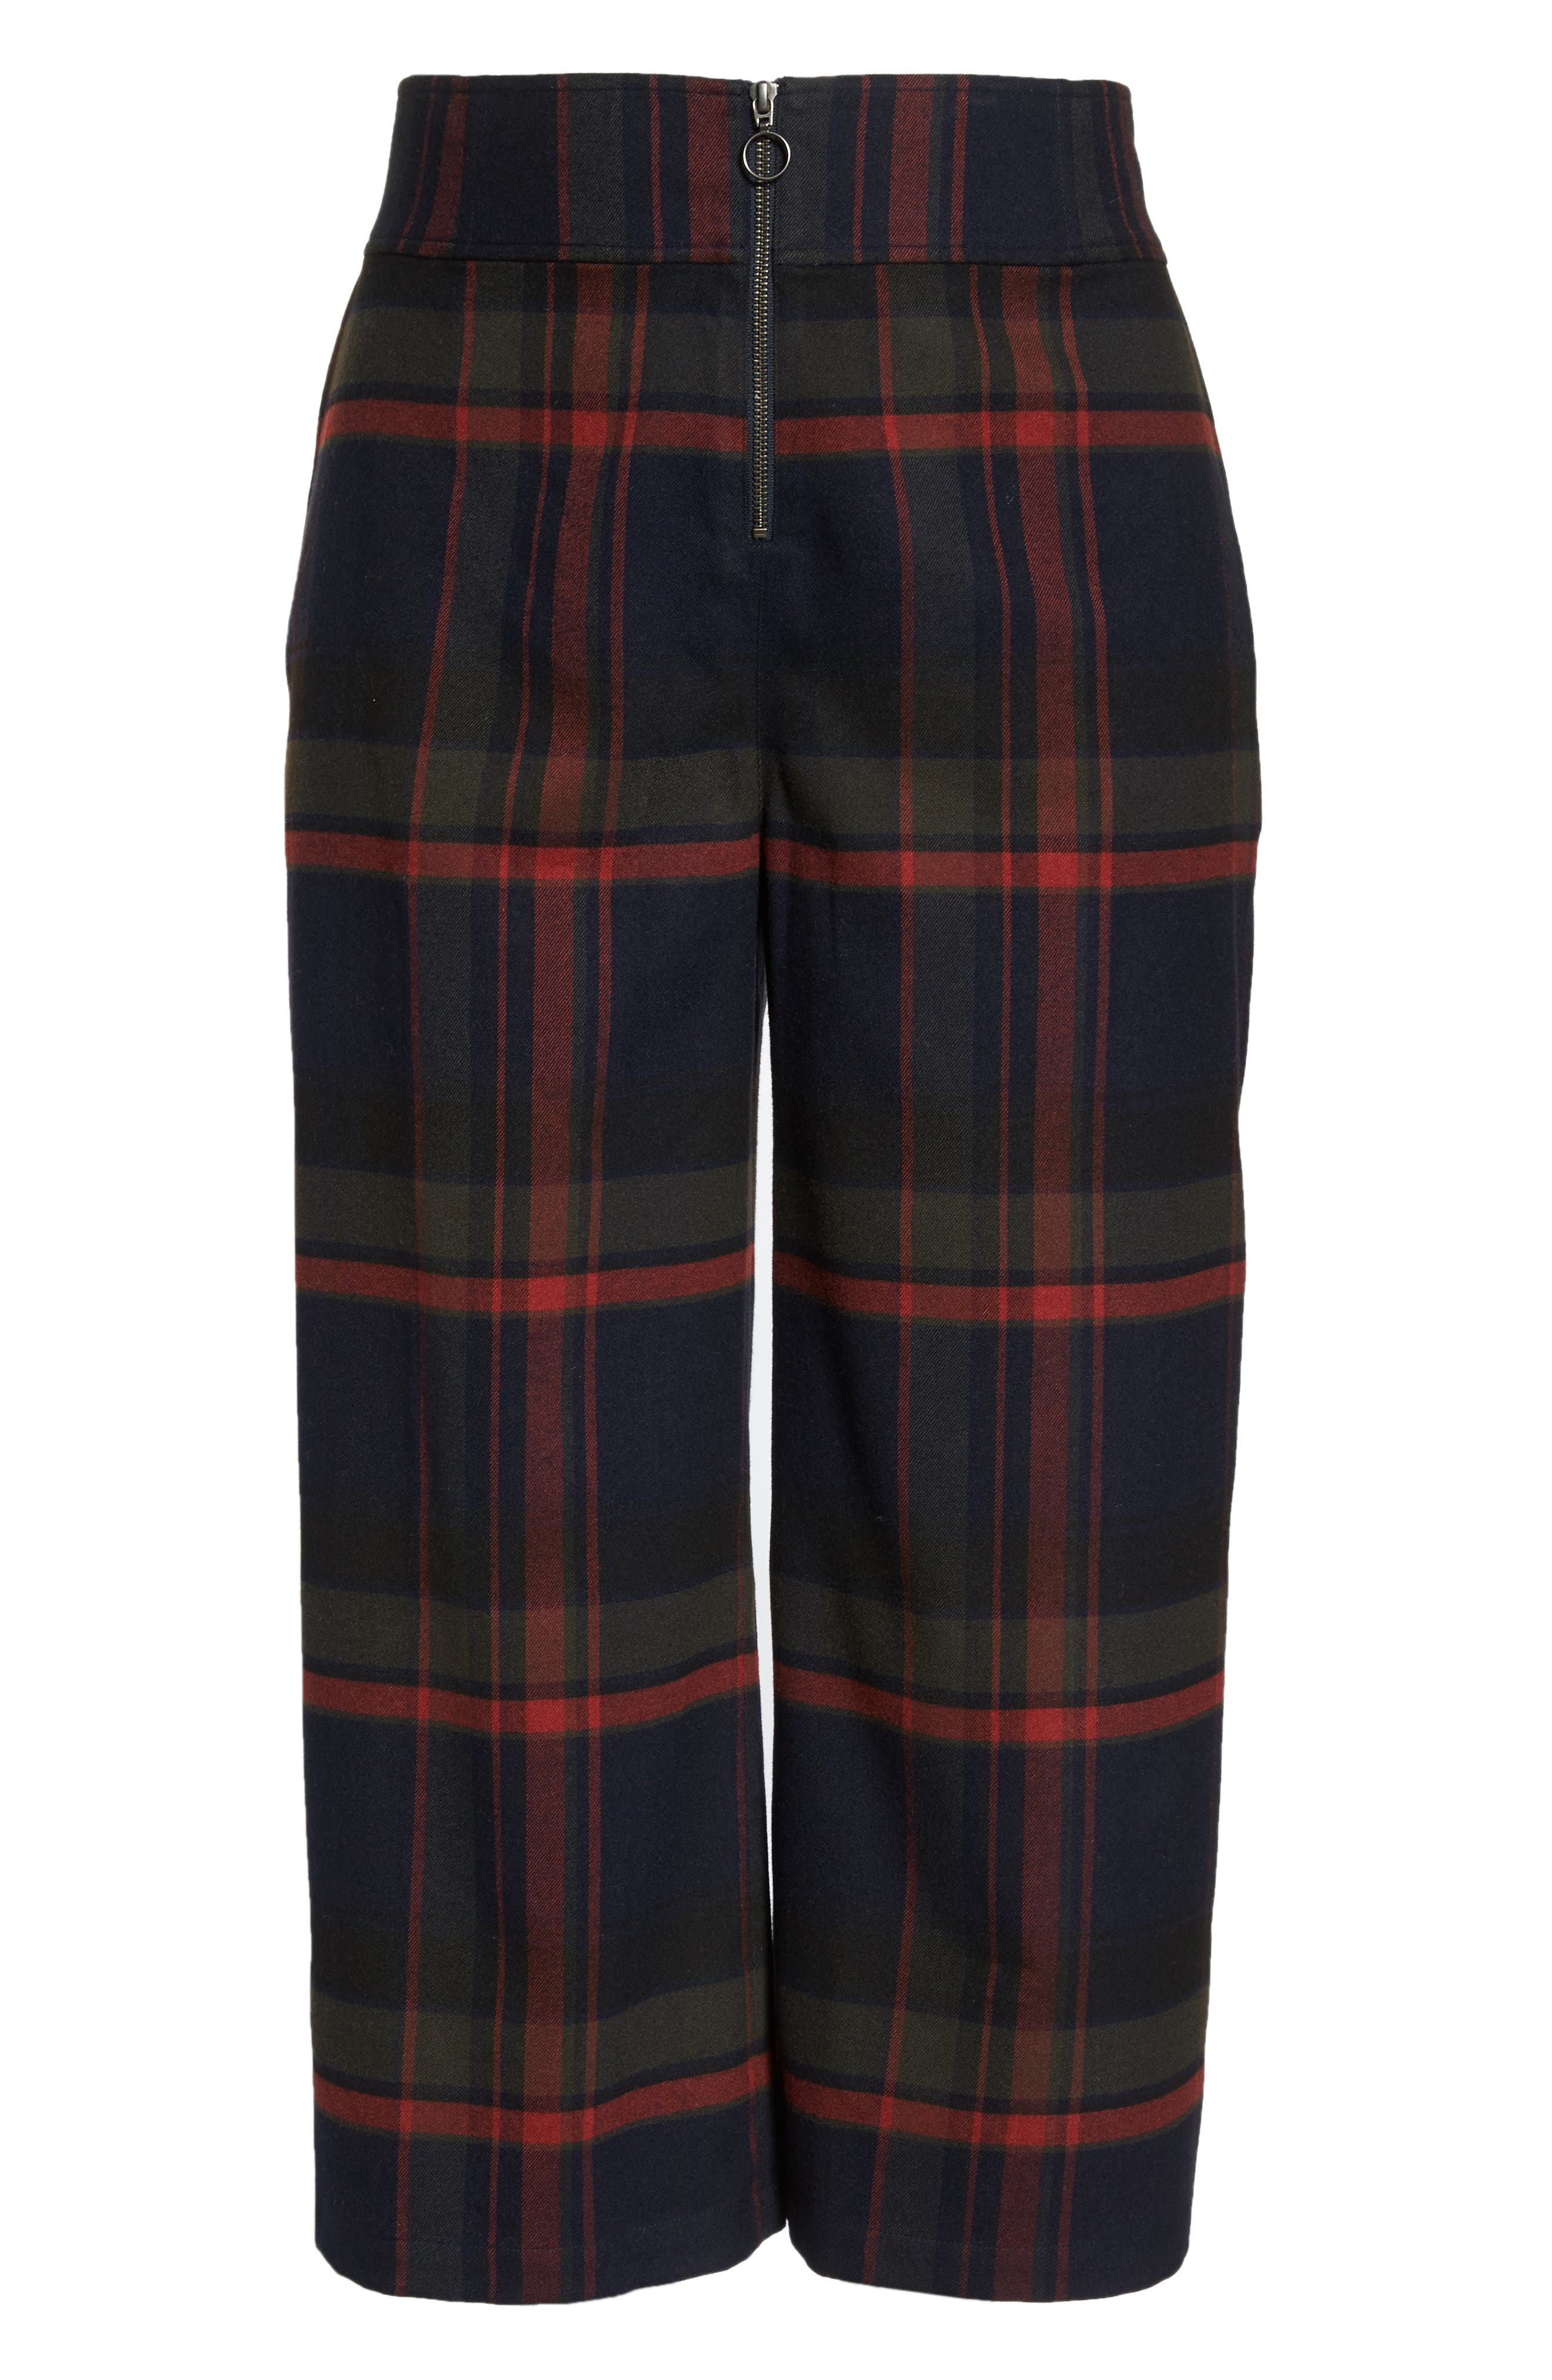 High Rise Plaid Crop Pants,                             Alternate thumbnail 12, color,                             NAVY MARITIME JESSA PLAID